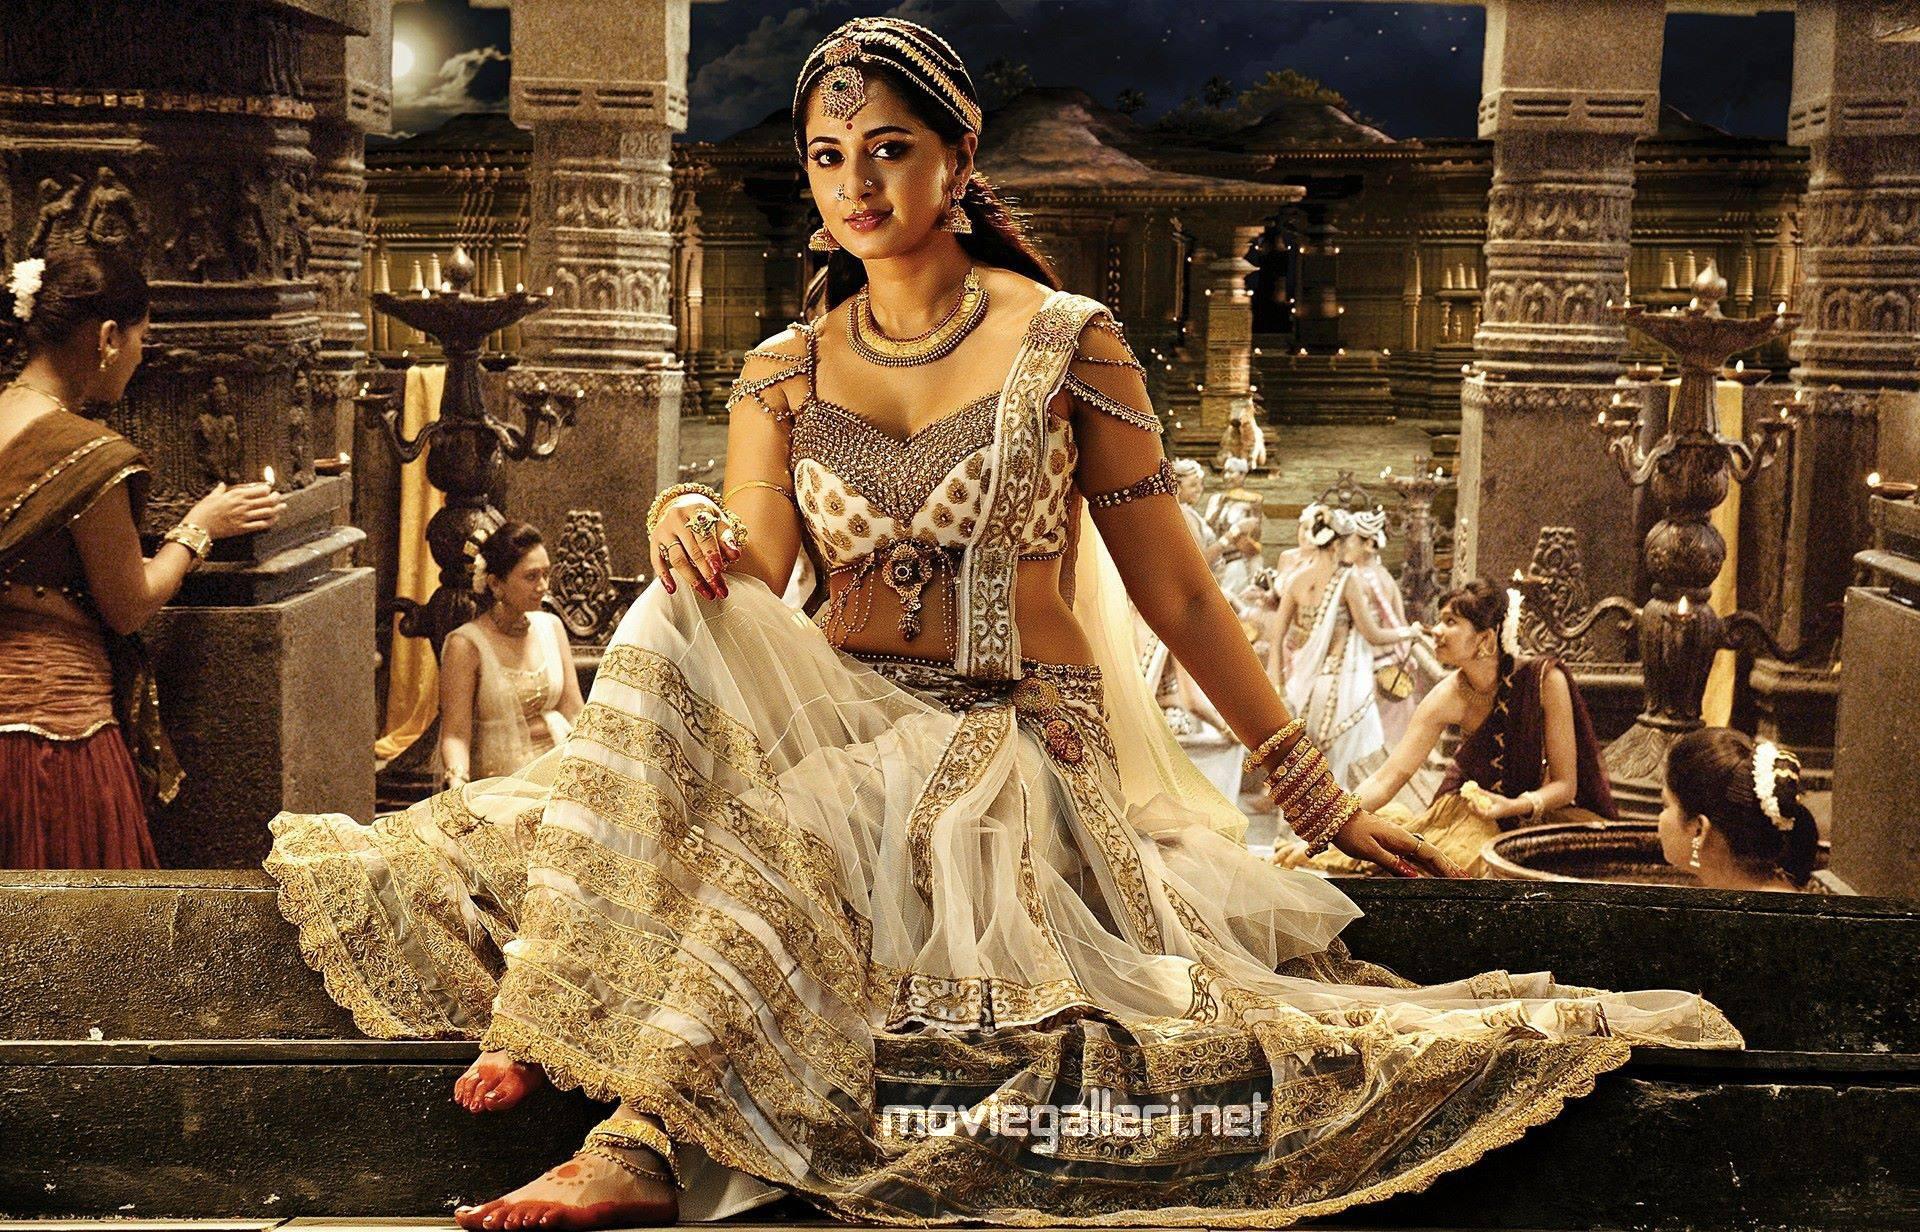 Rudramadevi Actress Anushka Shetty Beautiful Gorgeous Image